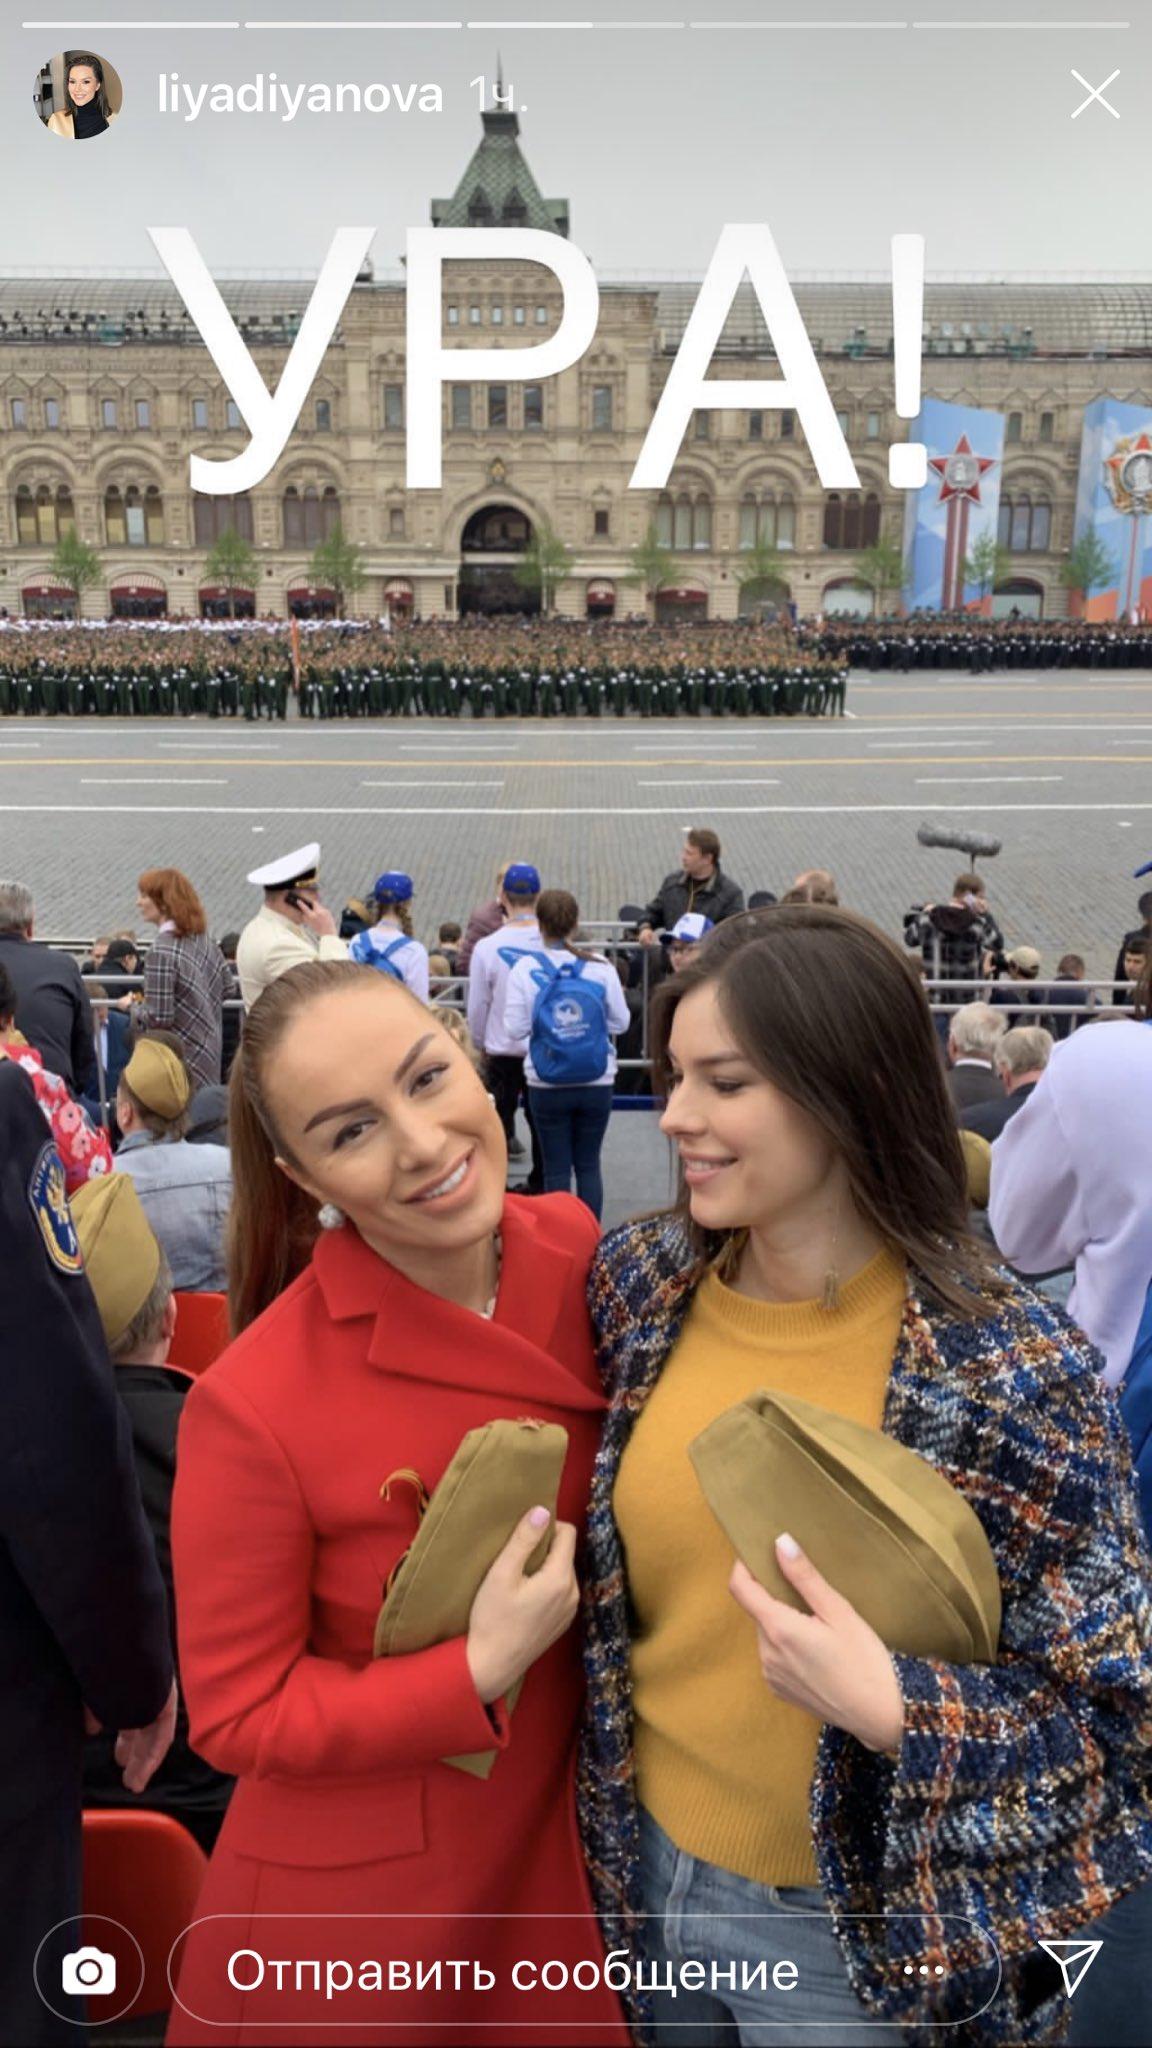 Андрей Малахов возмутился гламурным гостям парада Победы